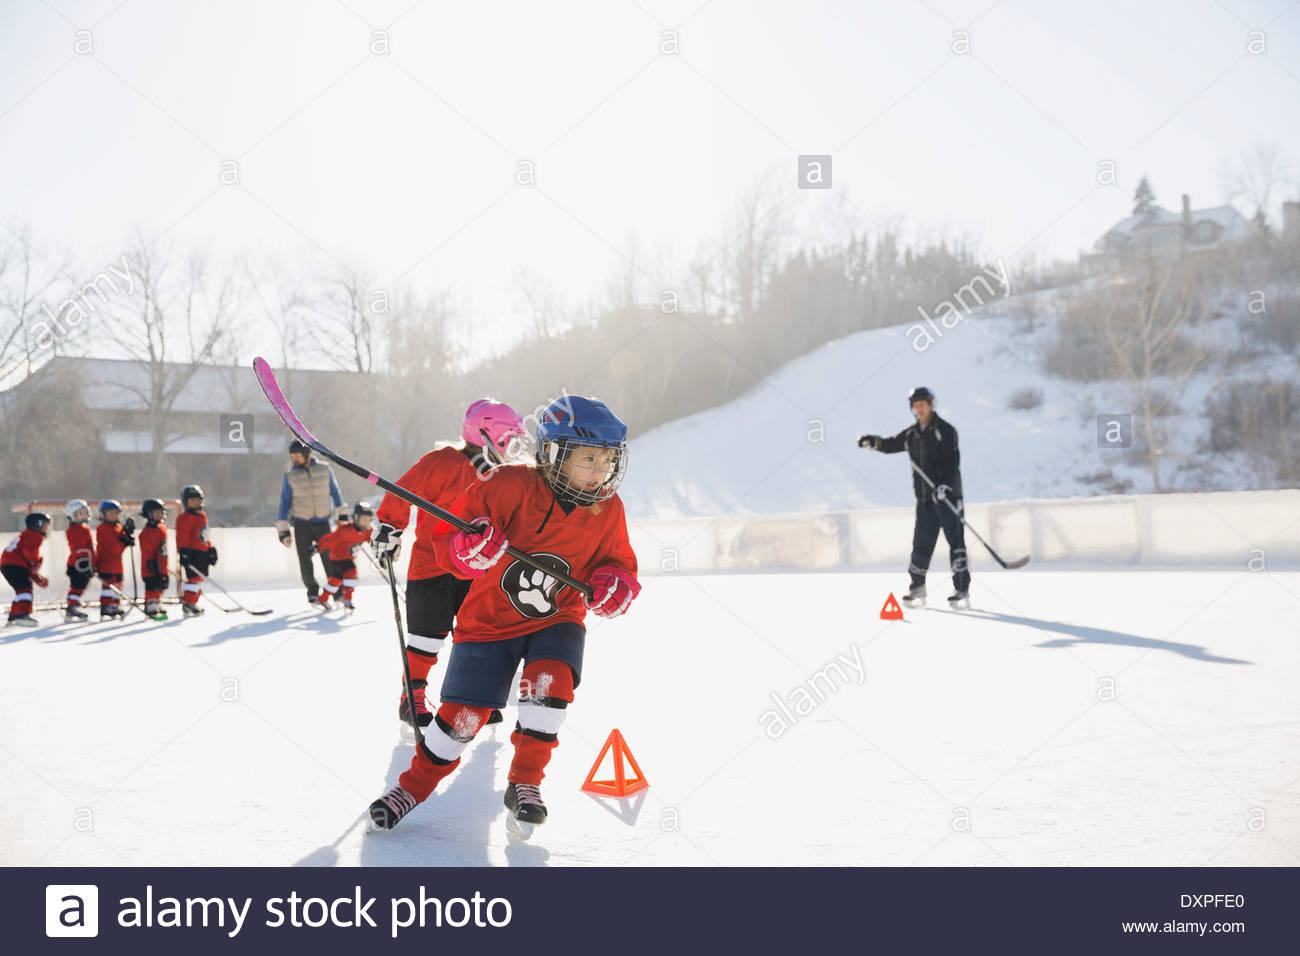 Formación de jugadores de hockey sobre hielo en una pista de patinaje al aire libre Imagen De Stock